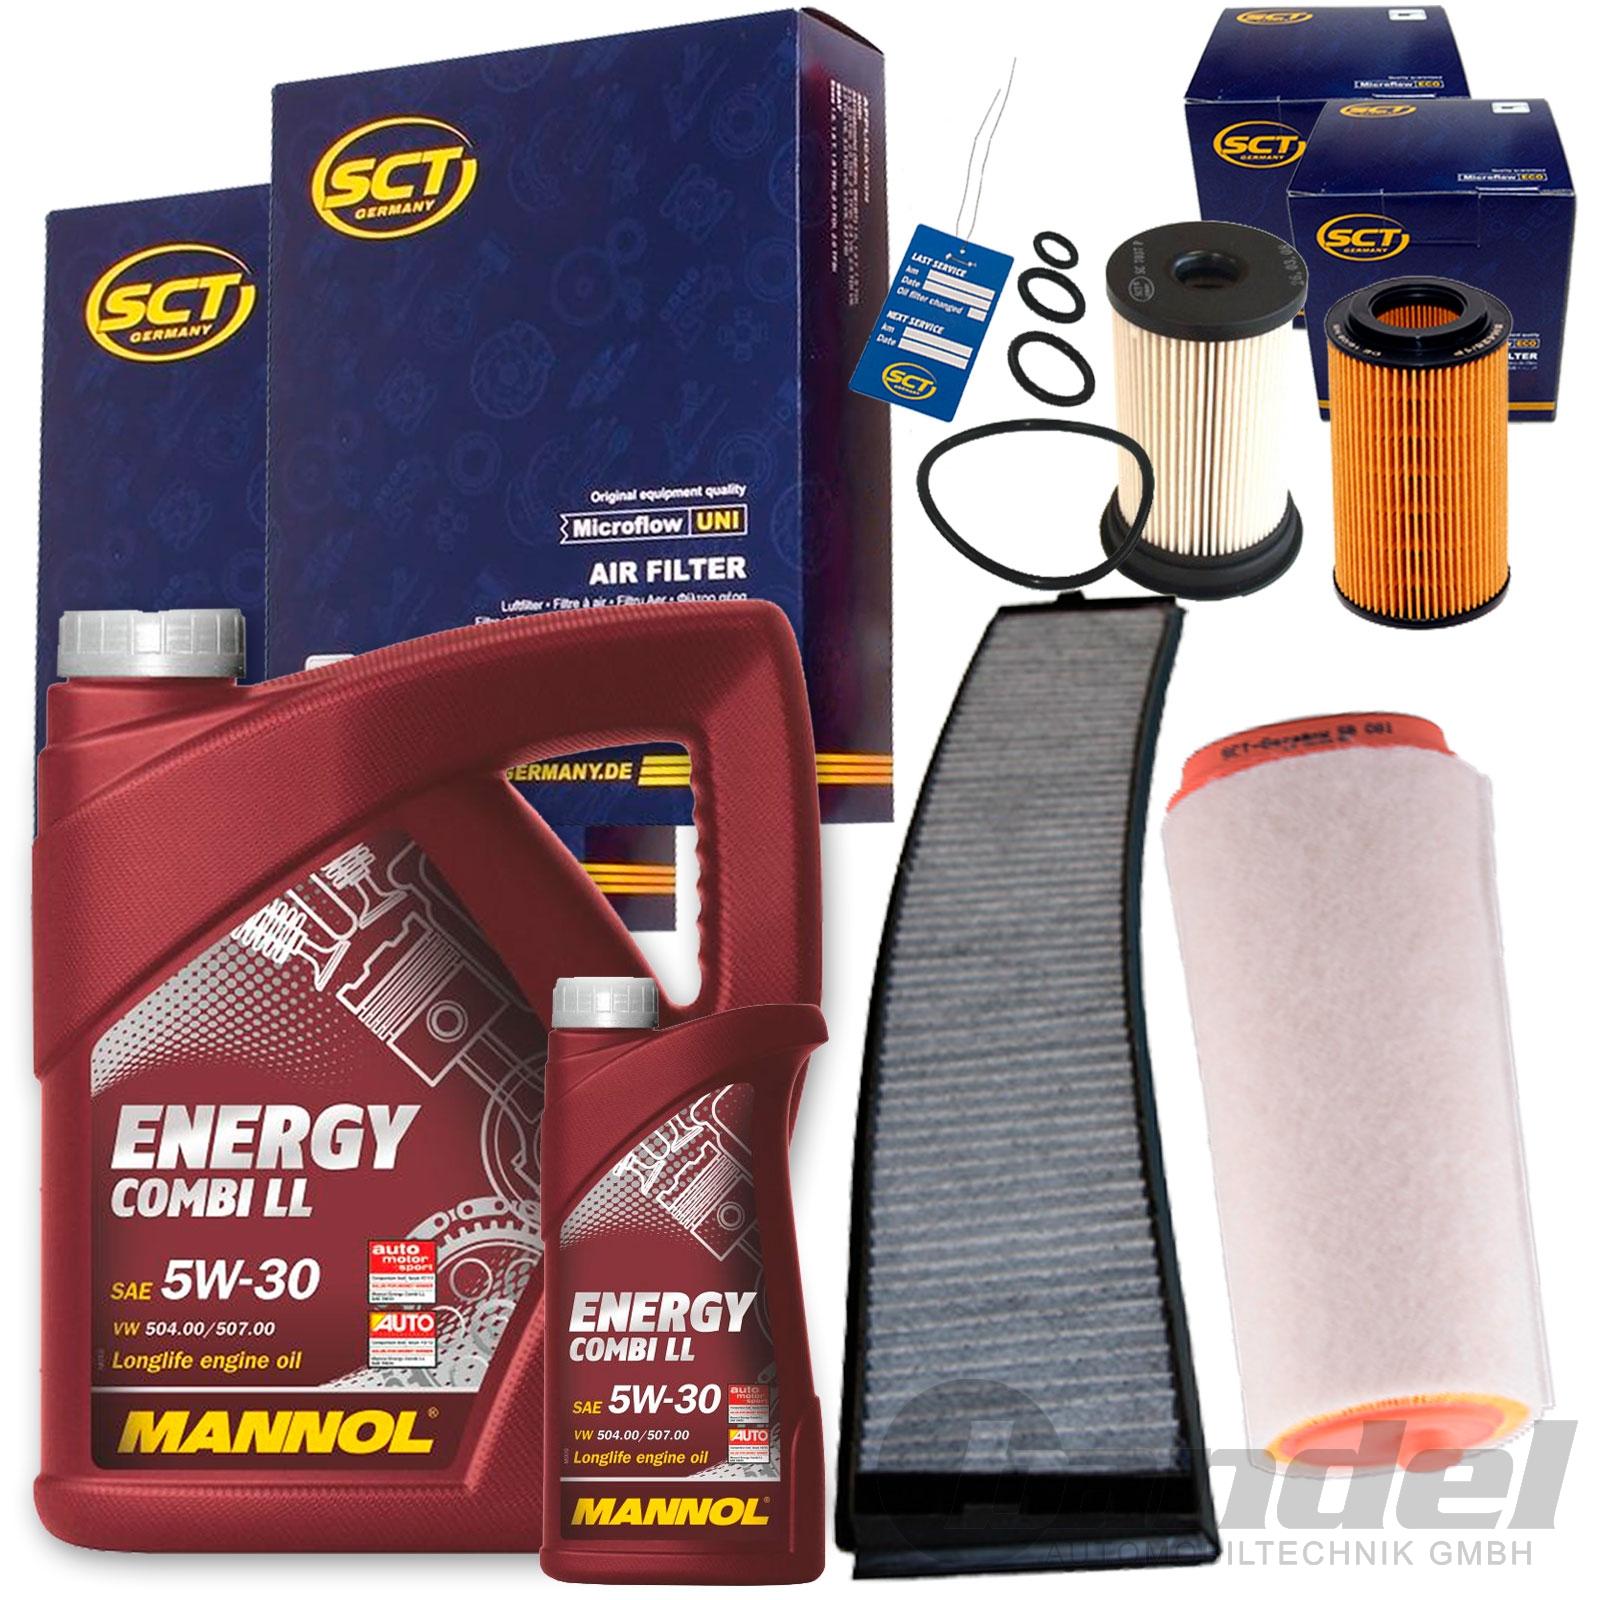 Innenraumluft 1 Oelfilter SCT Filter Set Inspektions Paket 1 Luftfilter 1 Kraftstofffilter 1 Filter